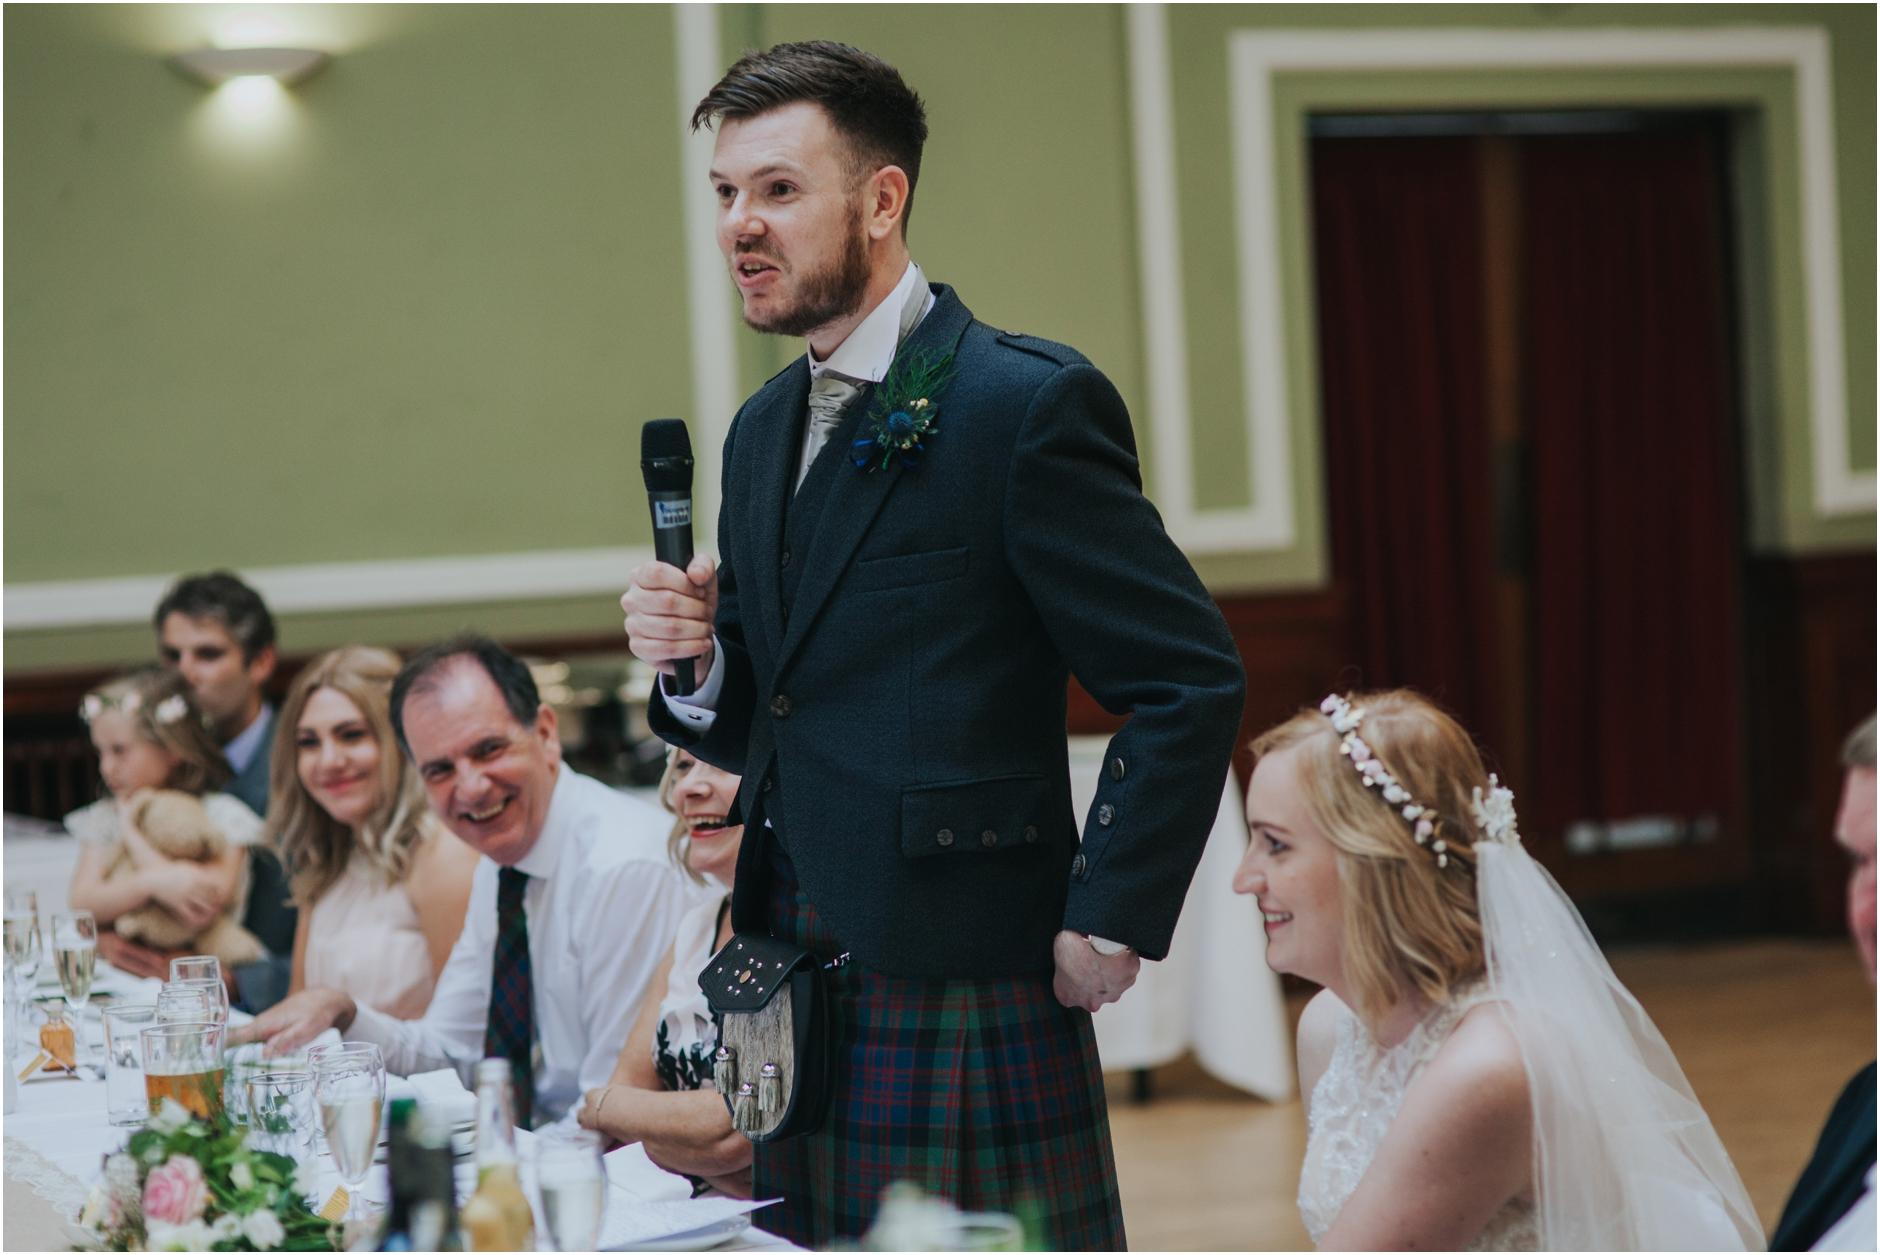 wedding speeches leith theatre thomas morton hall edinburgh